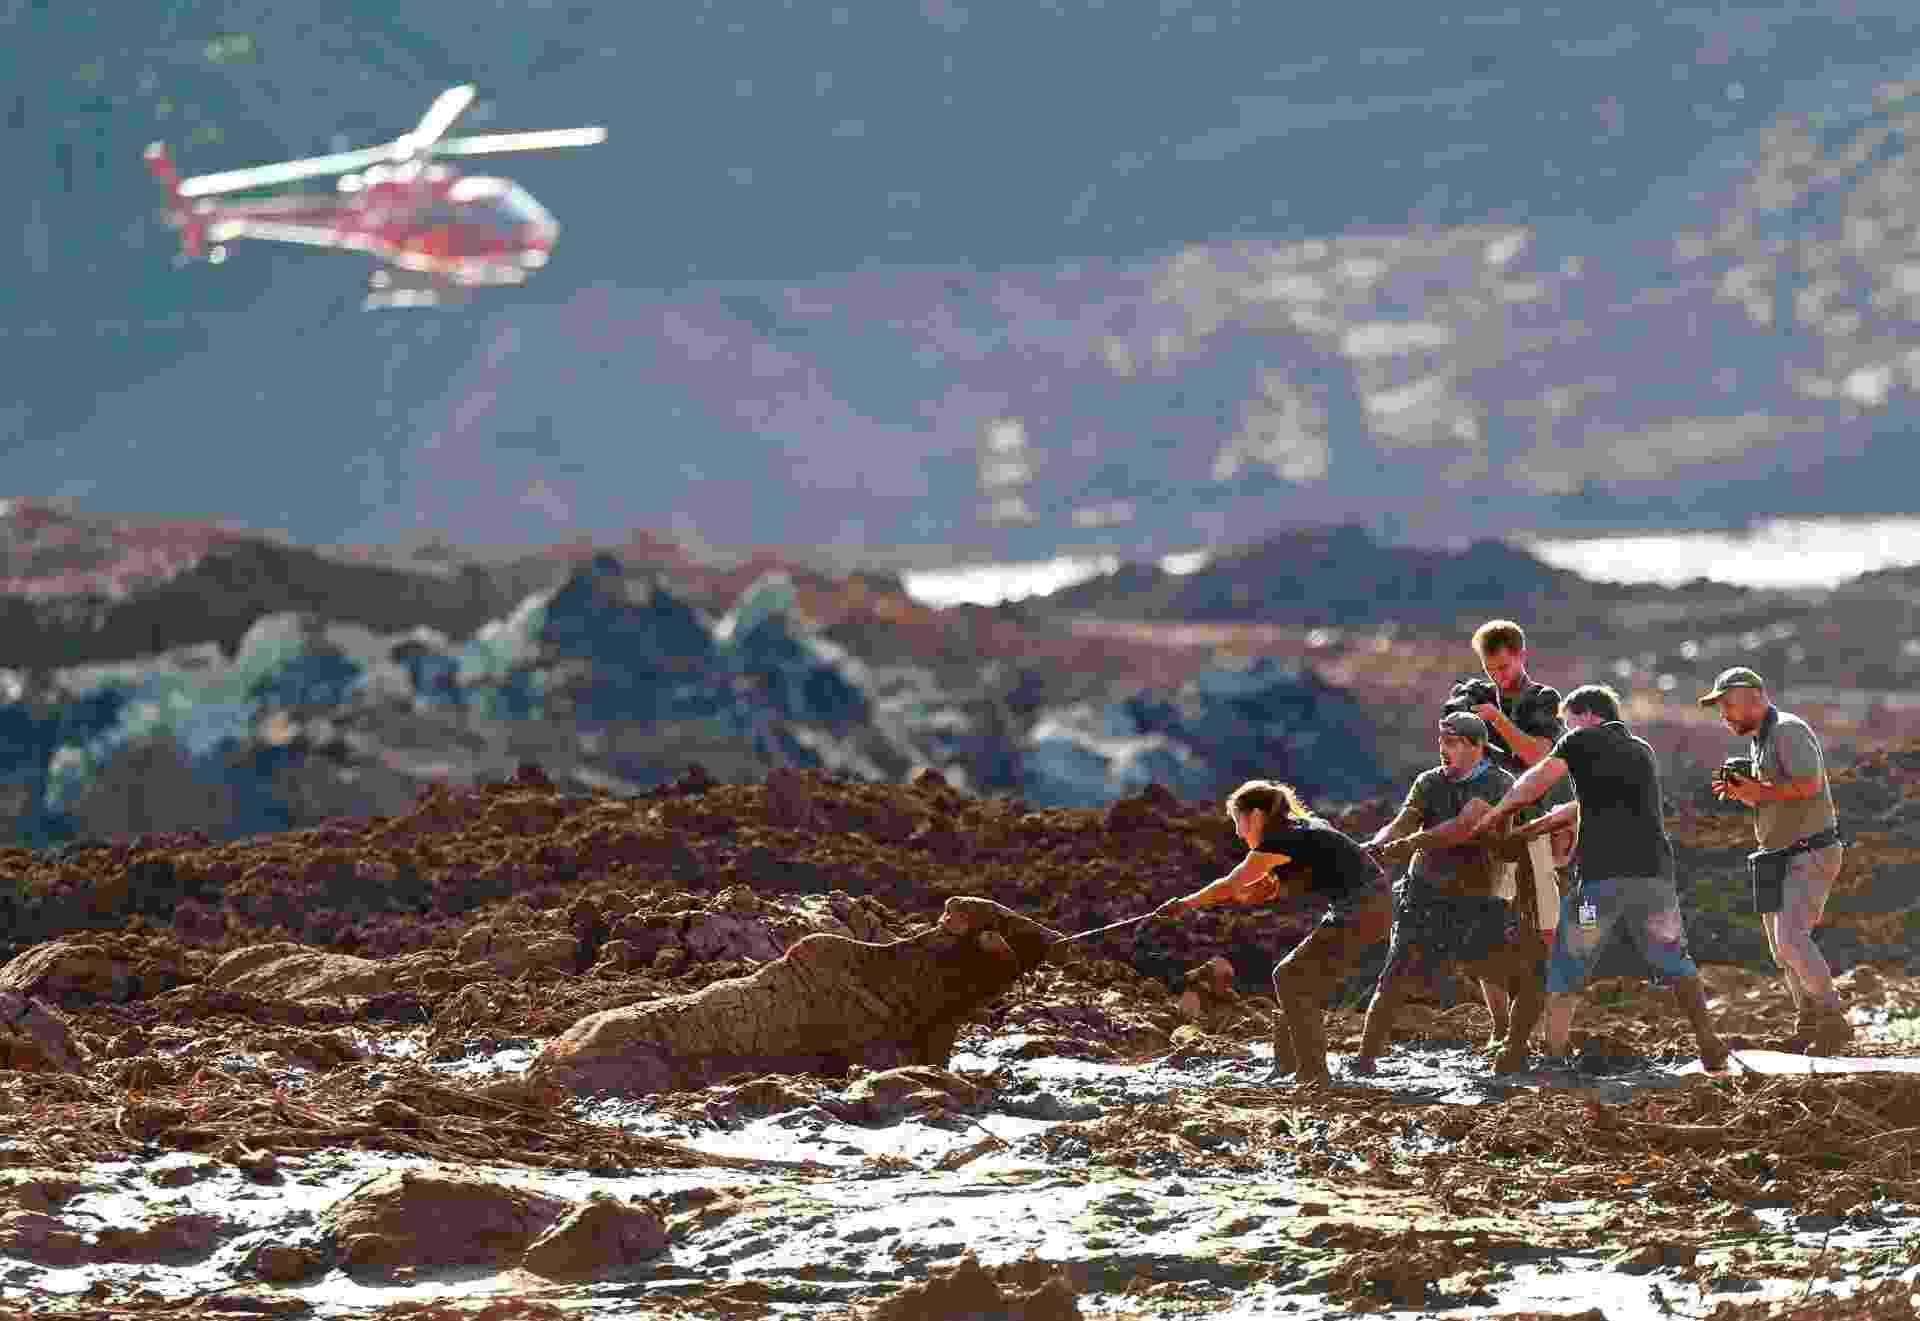 27.jan.2019 - Equipe de resgate voluntária tenta salvar uma vaca presa após rompimento da barragem da Vale - Wilton Júnior/Estadão Conteúdo